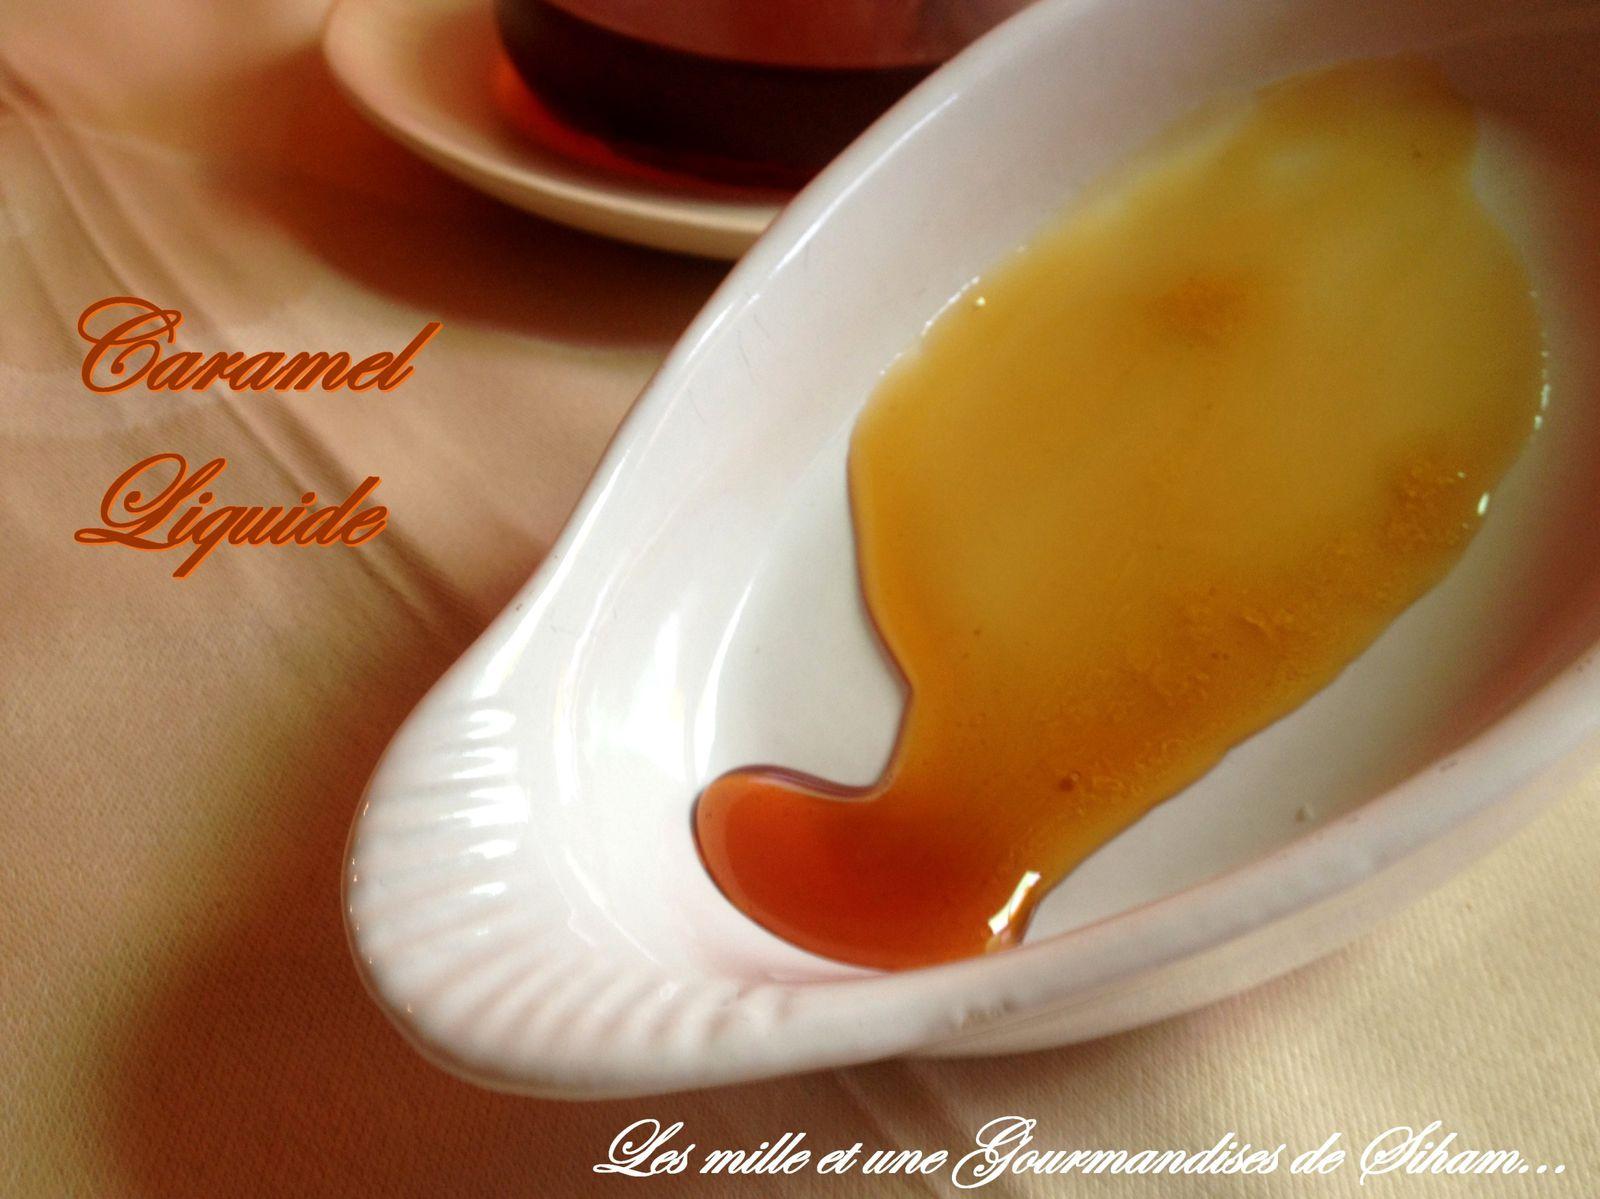 Caramel liquide...